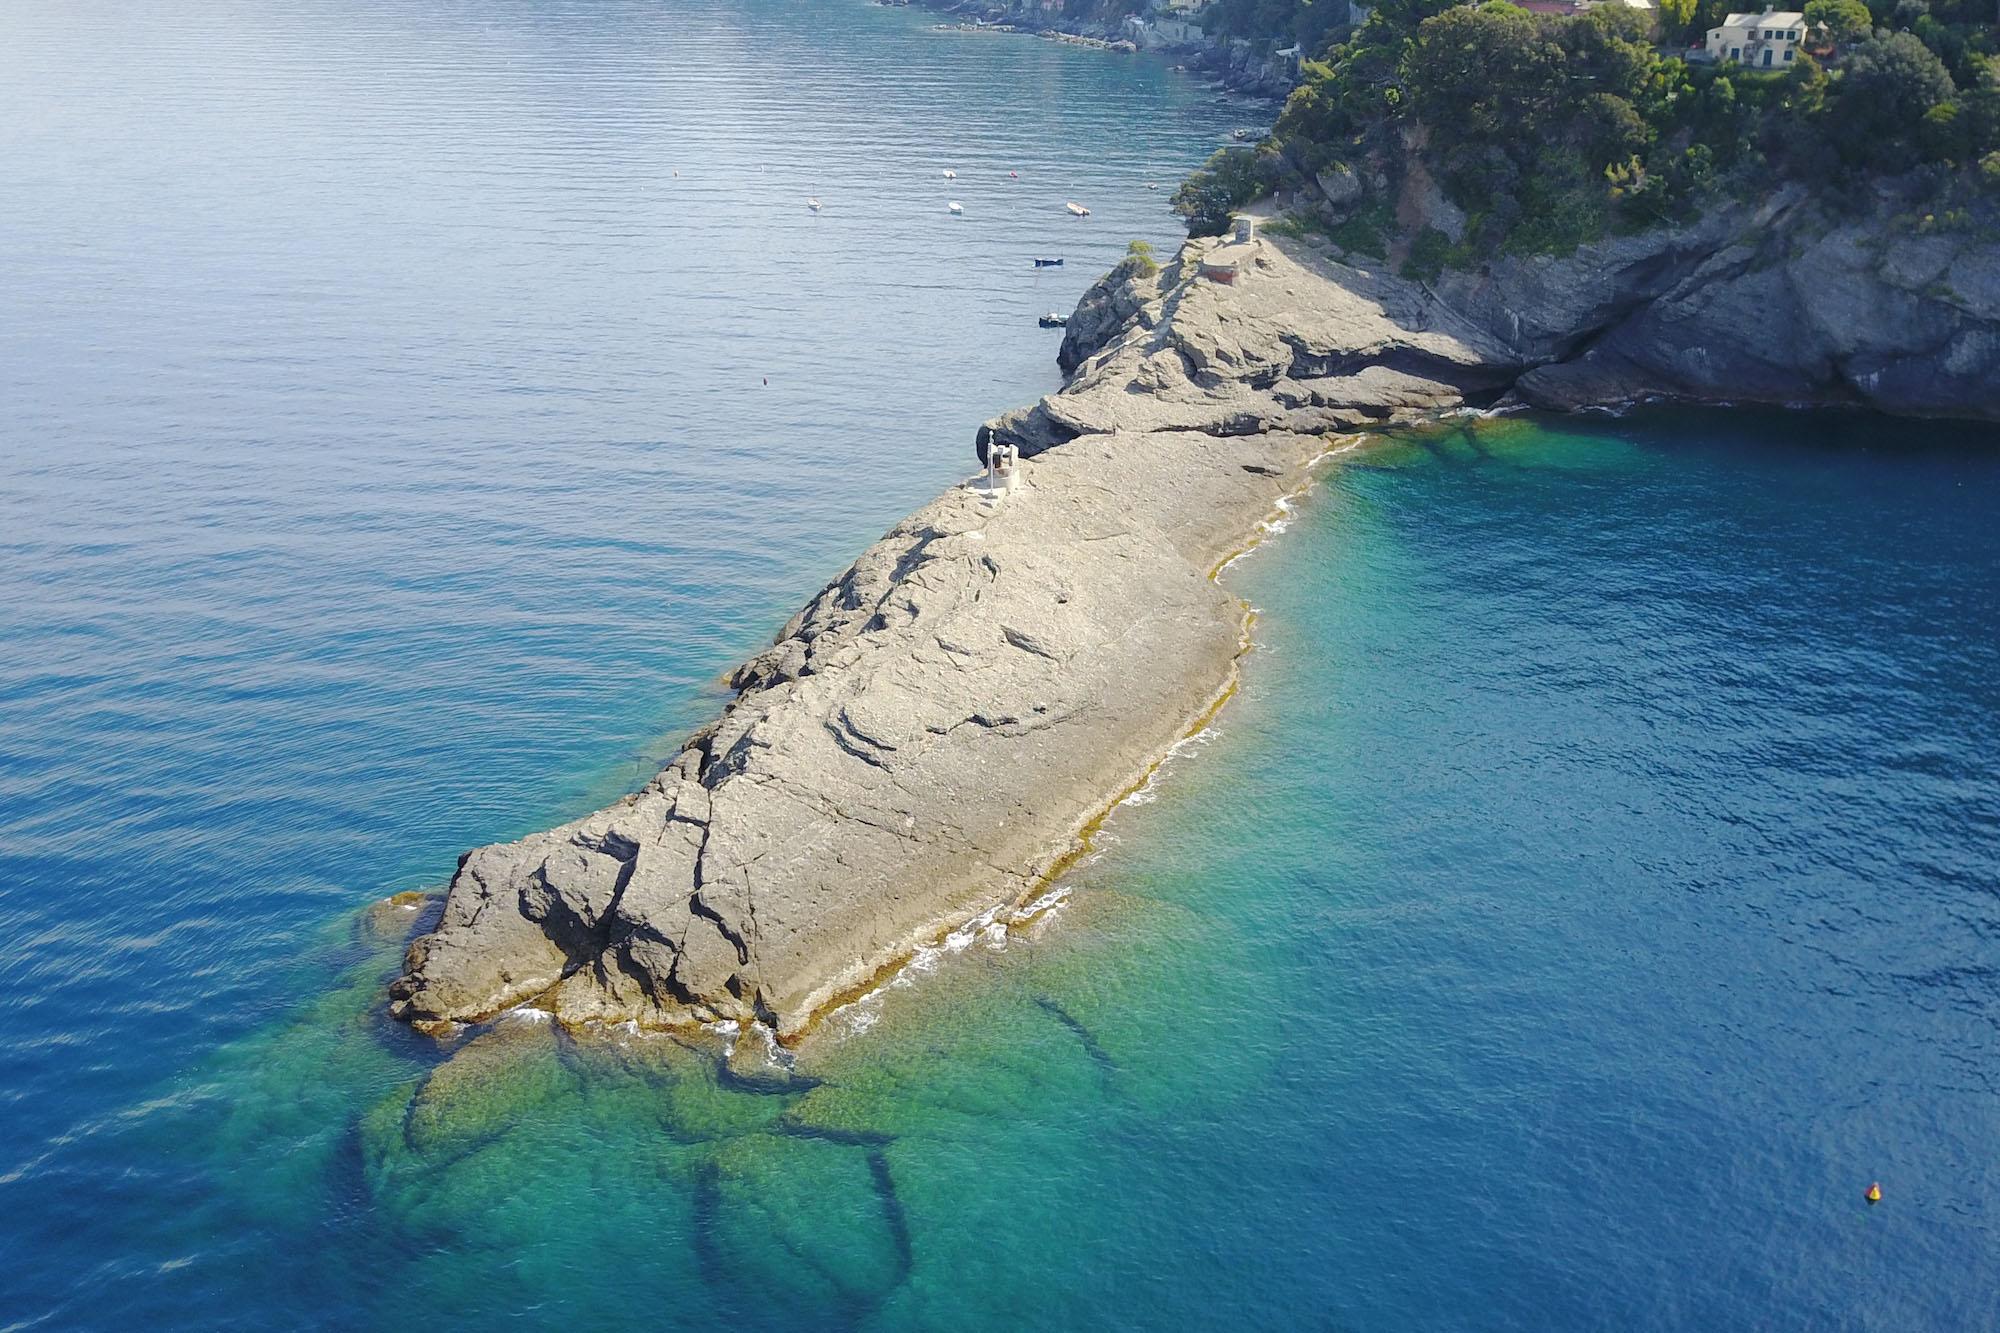 Cesare Charter Portofino - Tour Due Golfi, punta chiappa